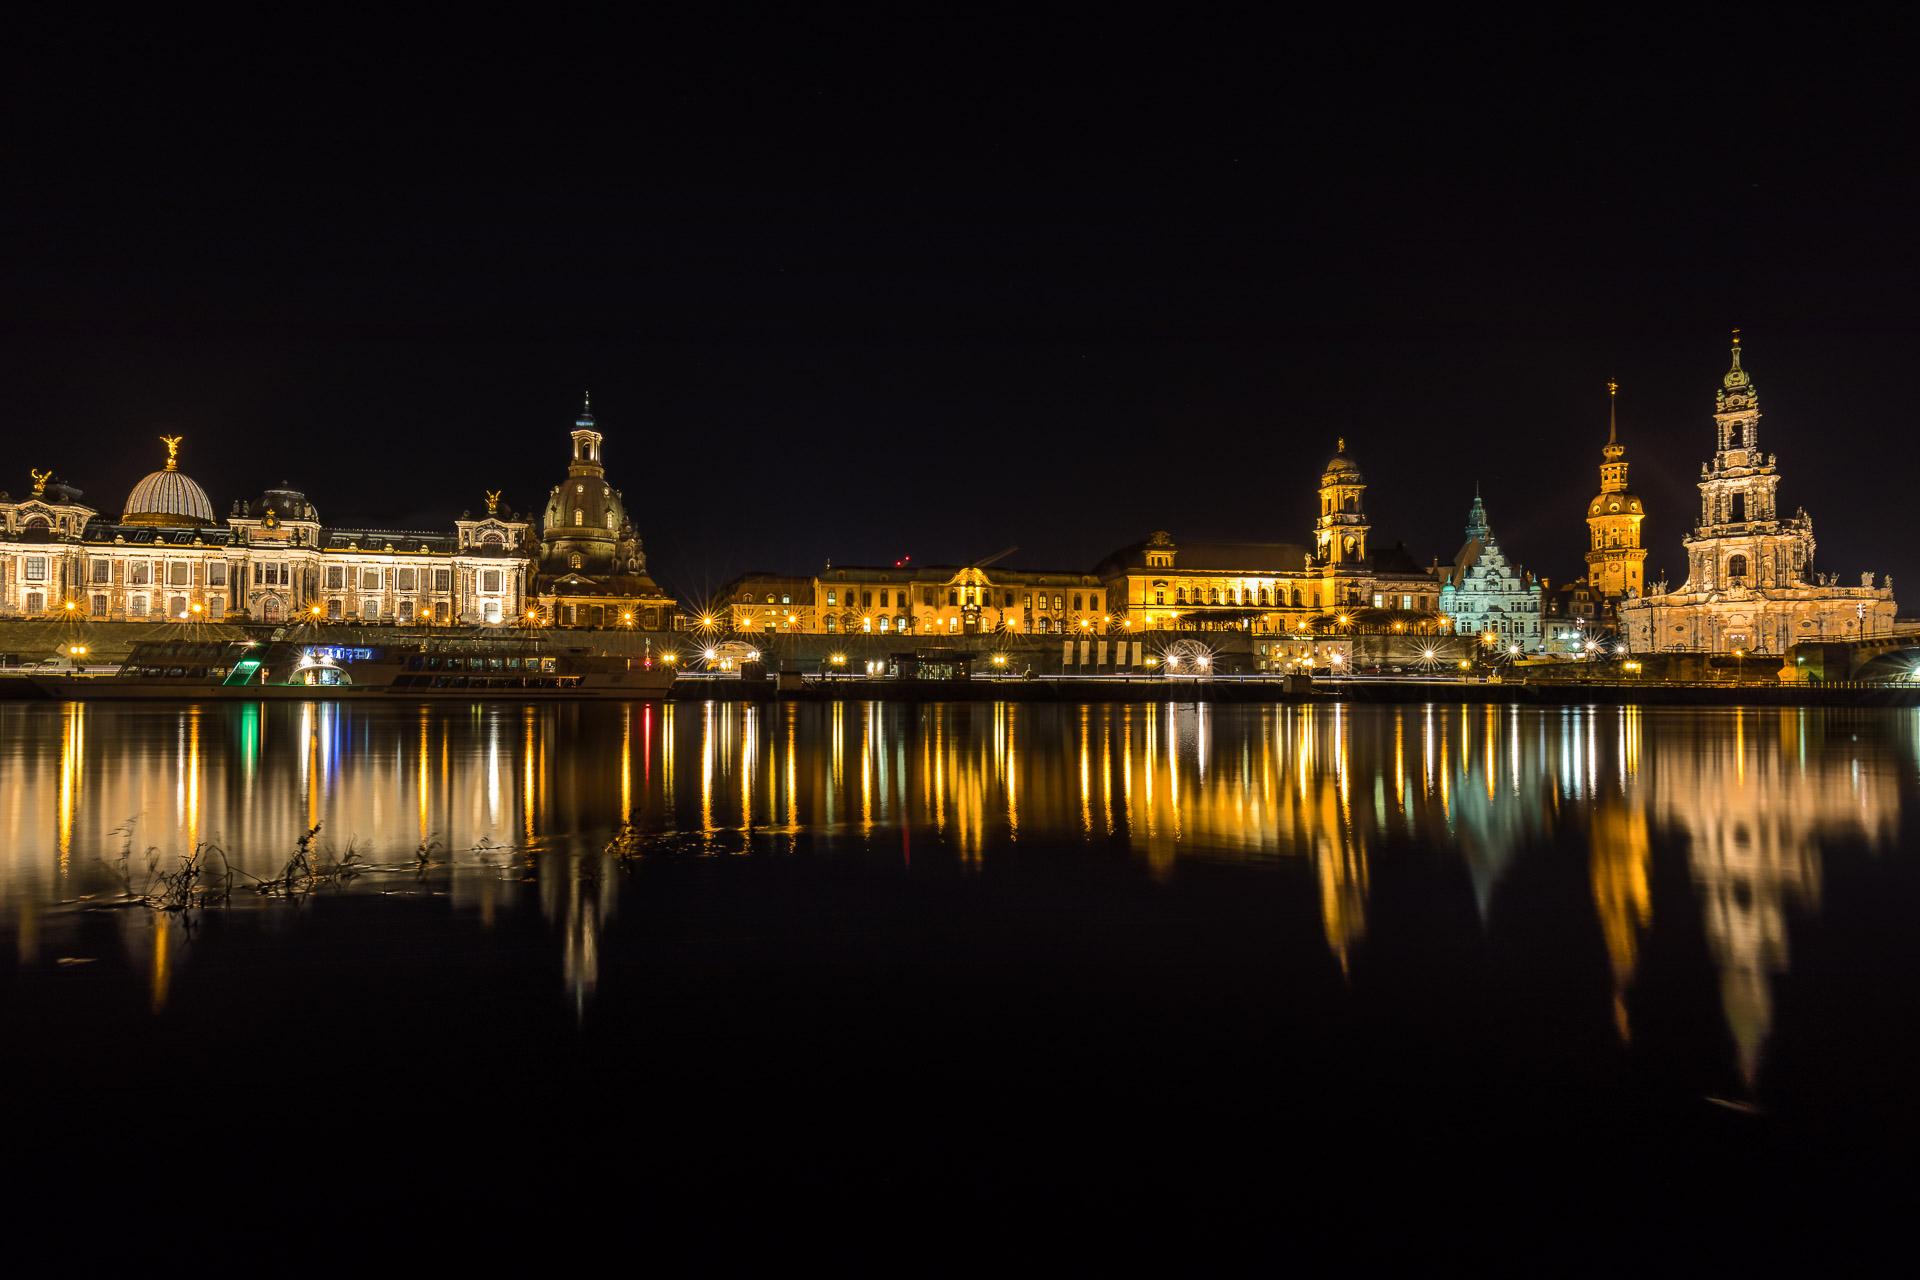 In Dresden am Elbufer mit der Frauenkirche